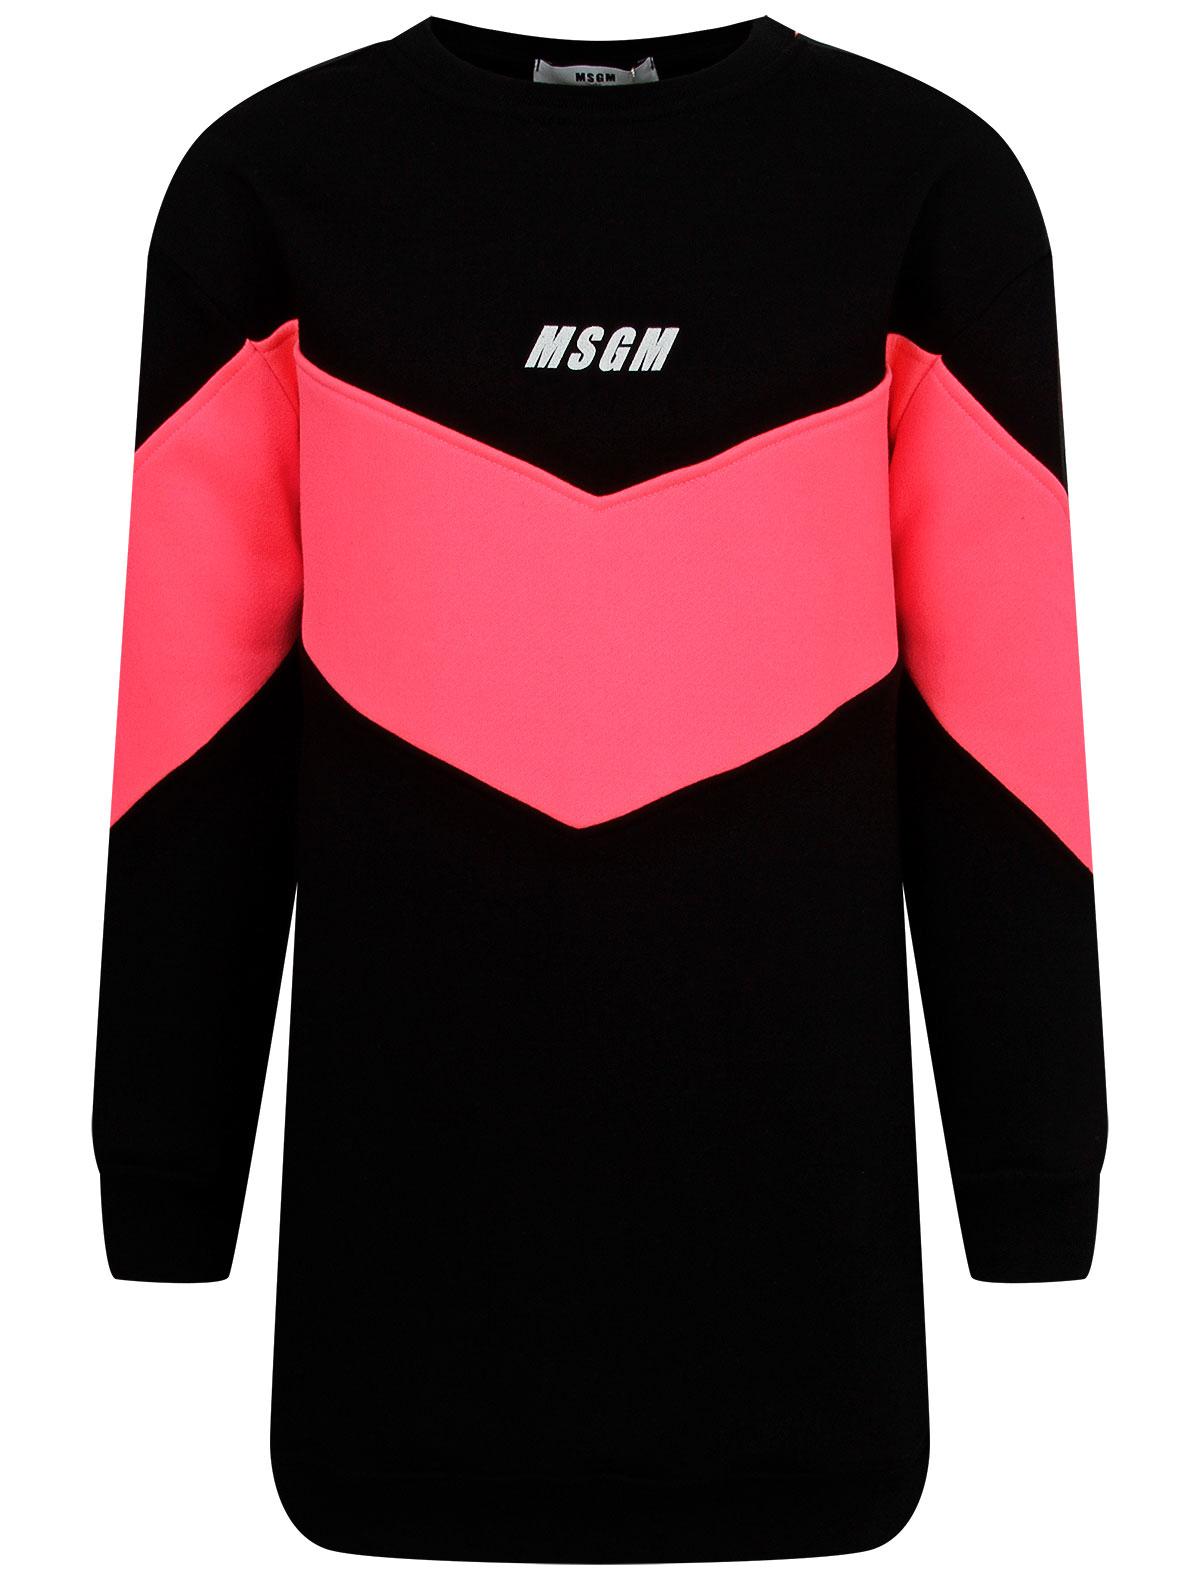 Купить 2243976, Платье MSGM, черный, Женский, 1054609080863